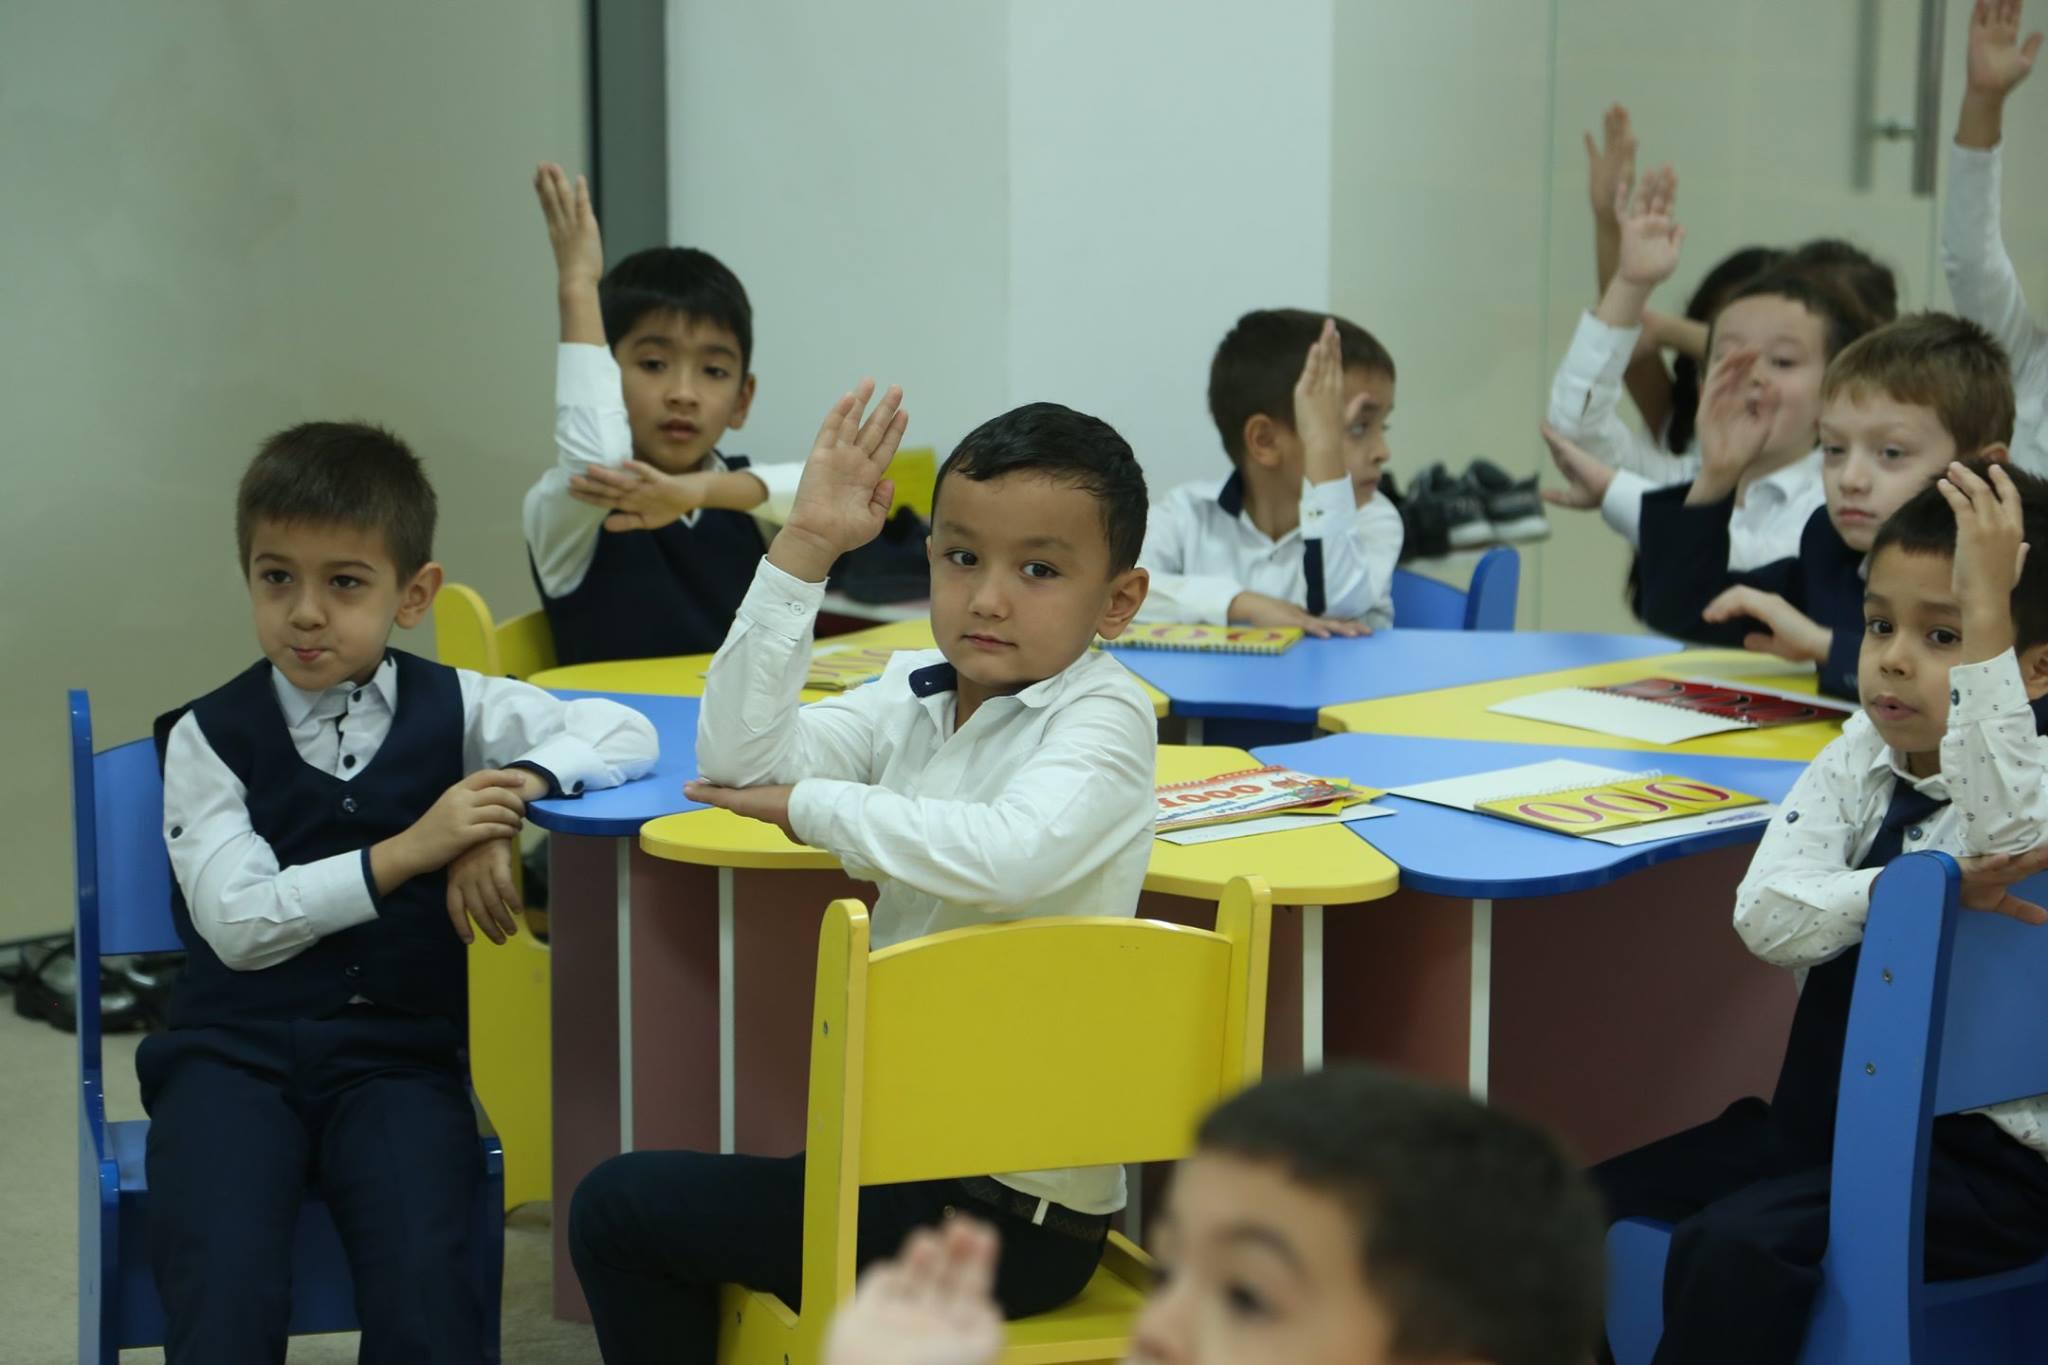 المدارس العربية والدولية في اسطنبول